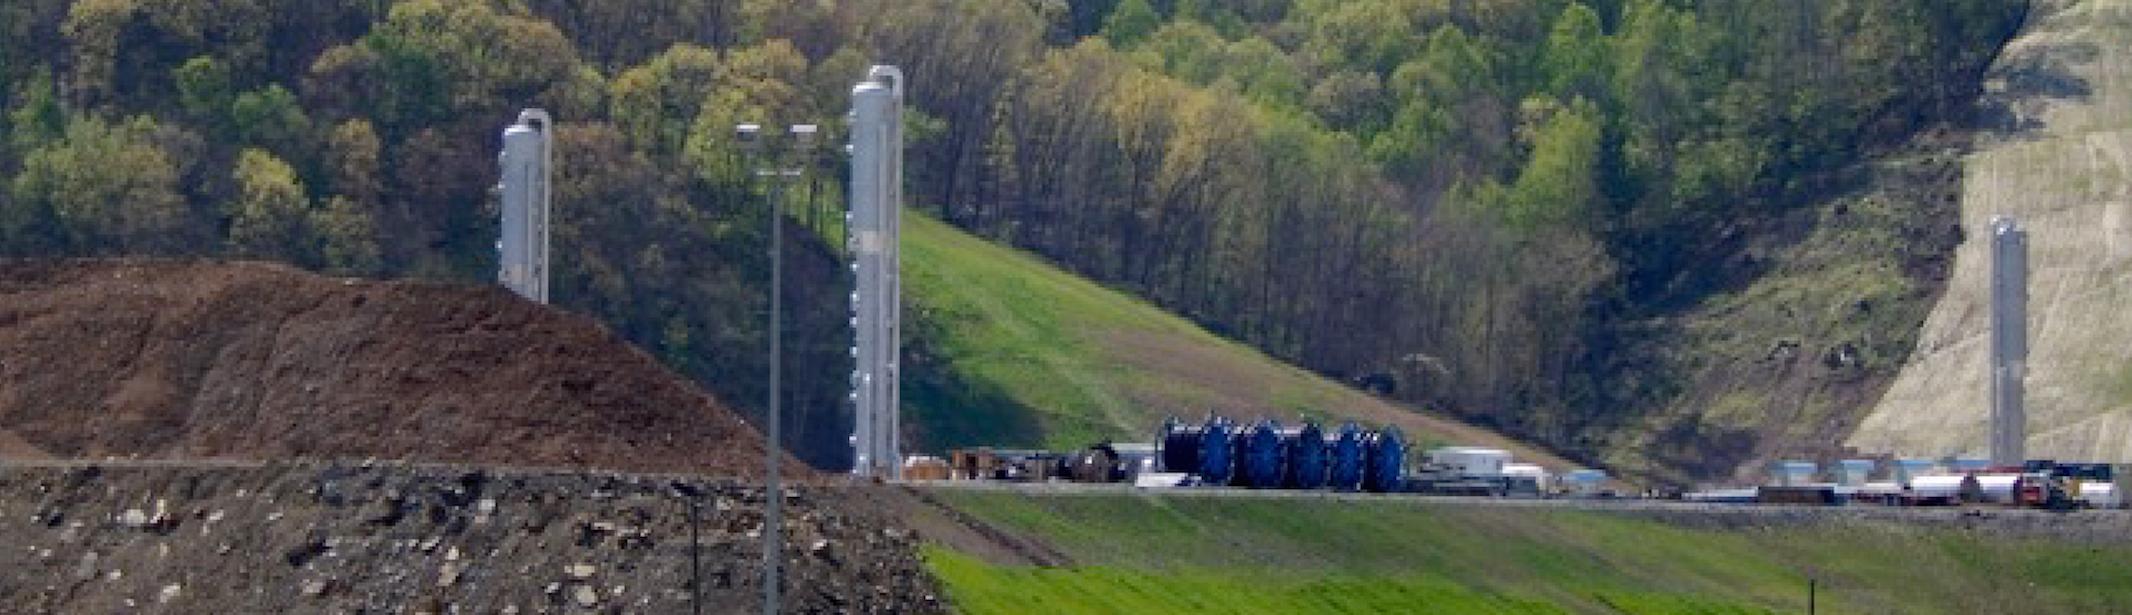 Website Fracking Final Photo.png